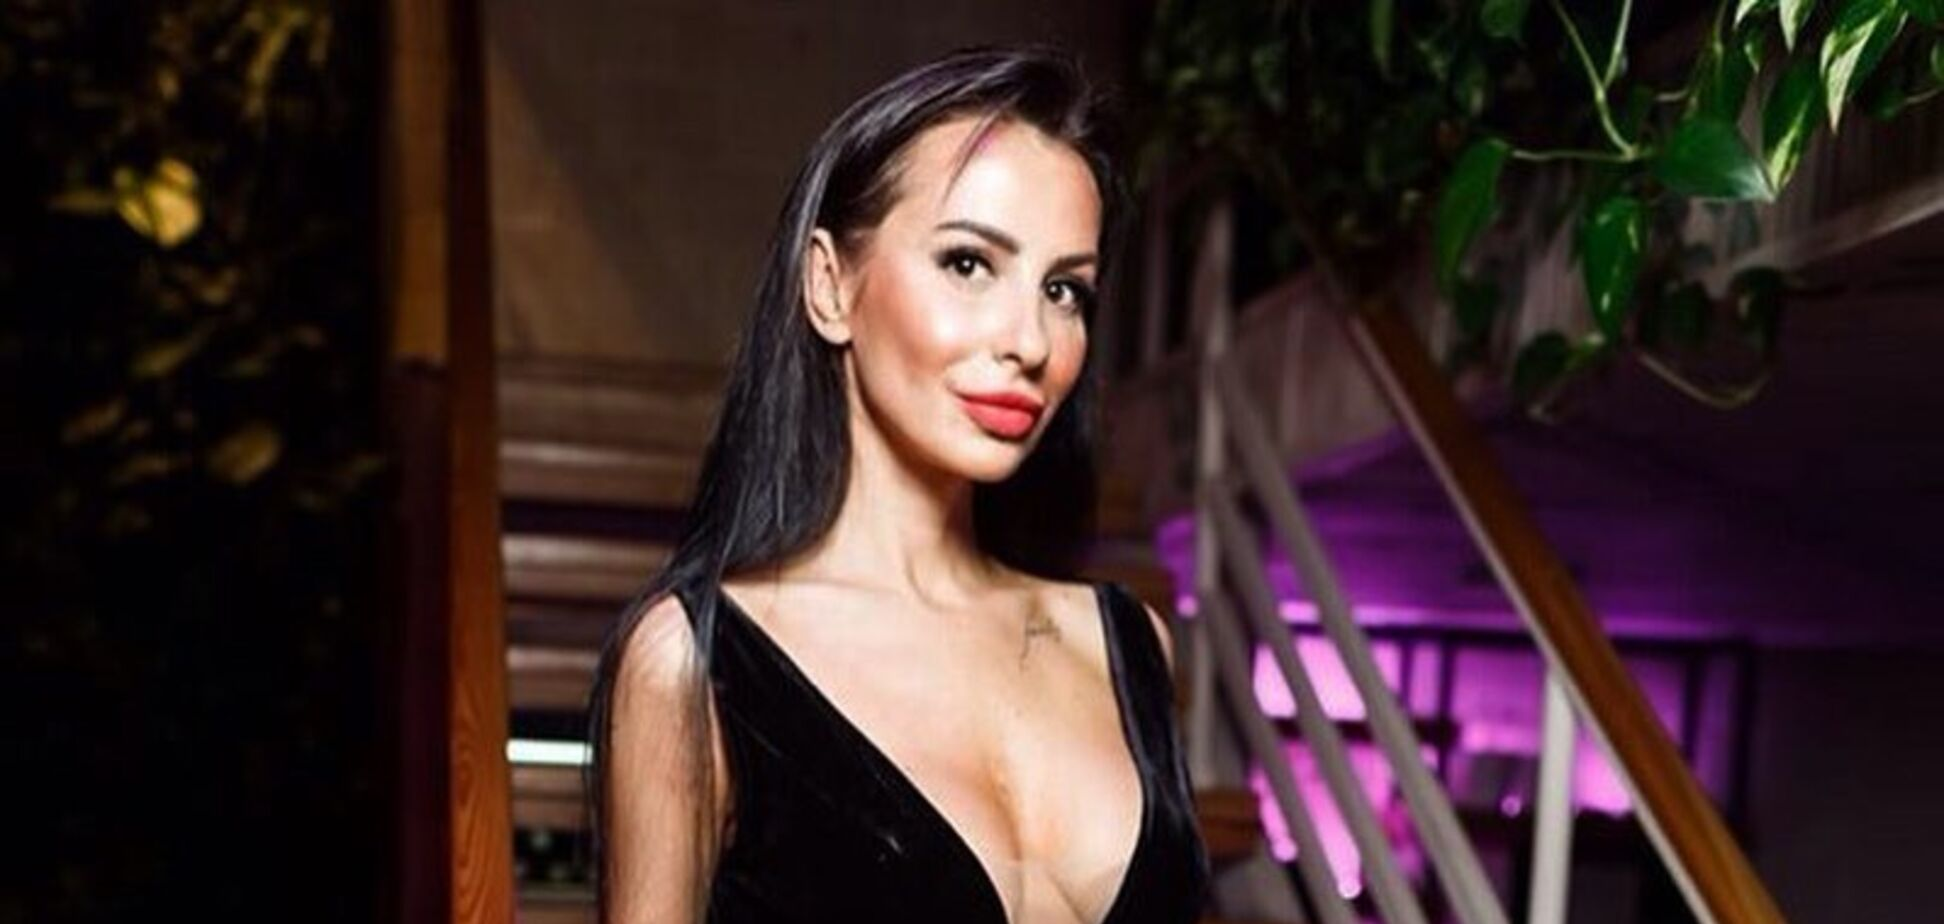 'Скелет, грудь сделанная': голая российская телеведущая напугала сеть худобой